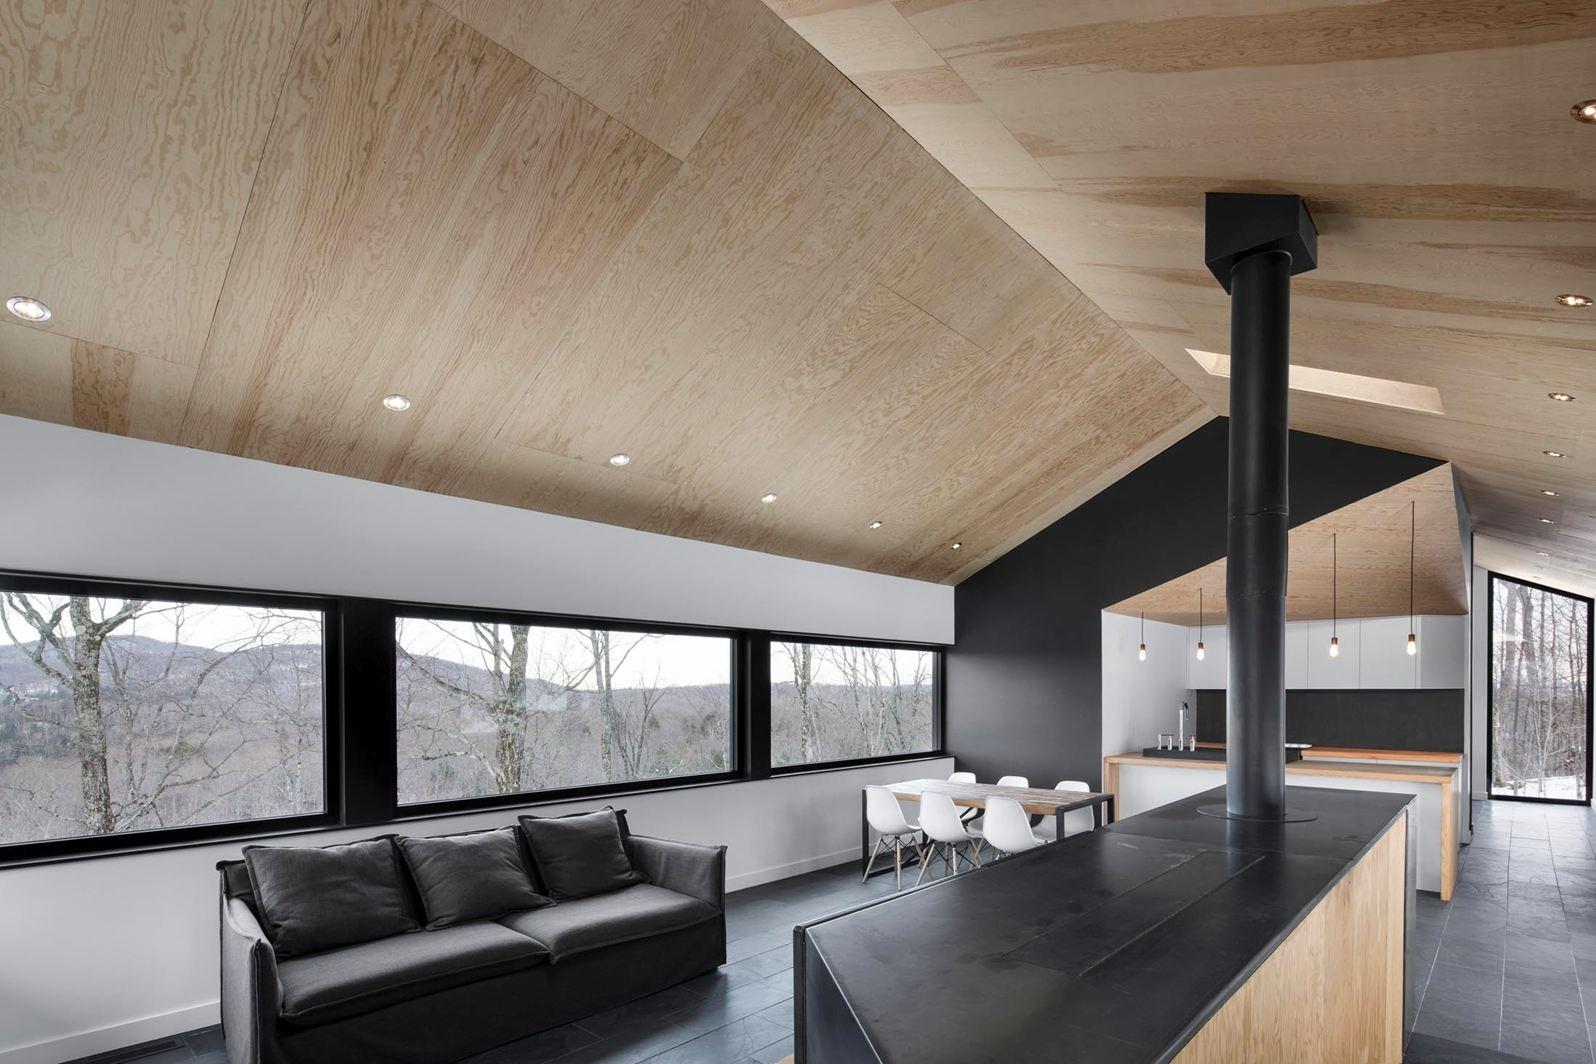 Una casa a contatto con la natura - Finestre a soffitto ...